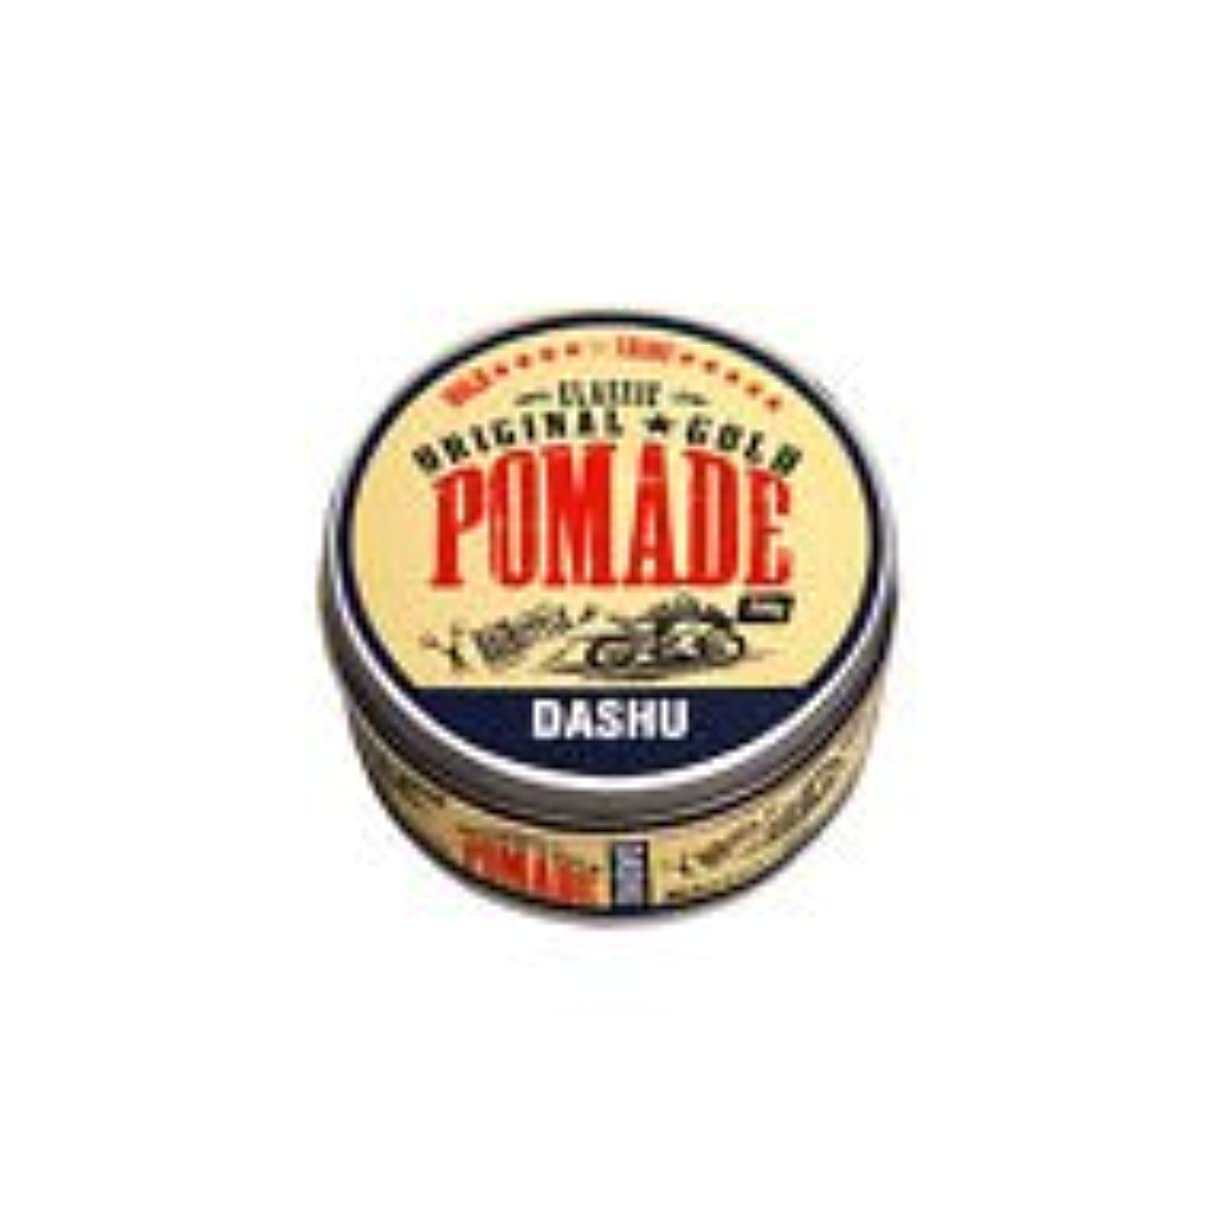 バイソンつま先画面[DASHU] ダシュ クラシックオリジナルゴールドポマードヘアワックス Classic Original Gold Pomade Hair Wax 100ml / 韓国製 . 韓国直送品